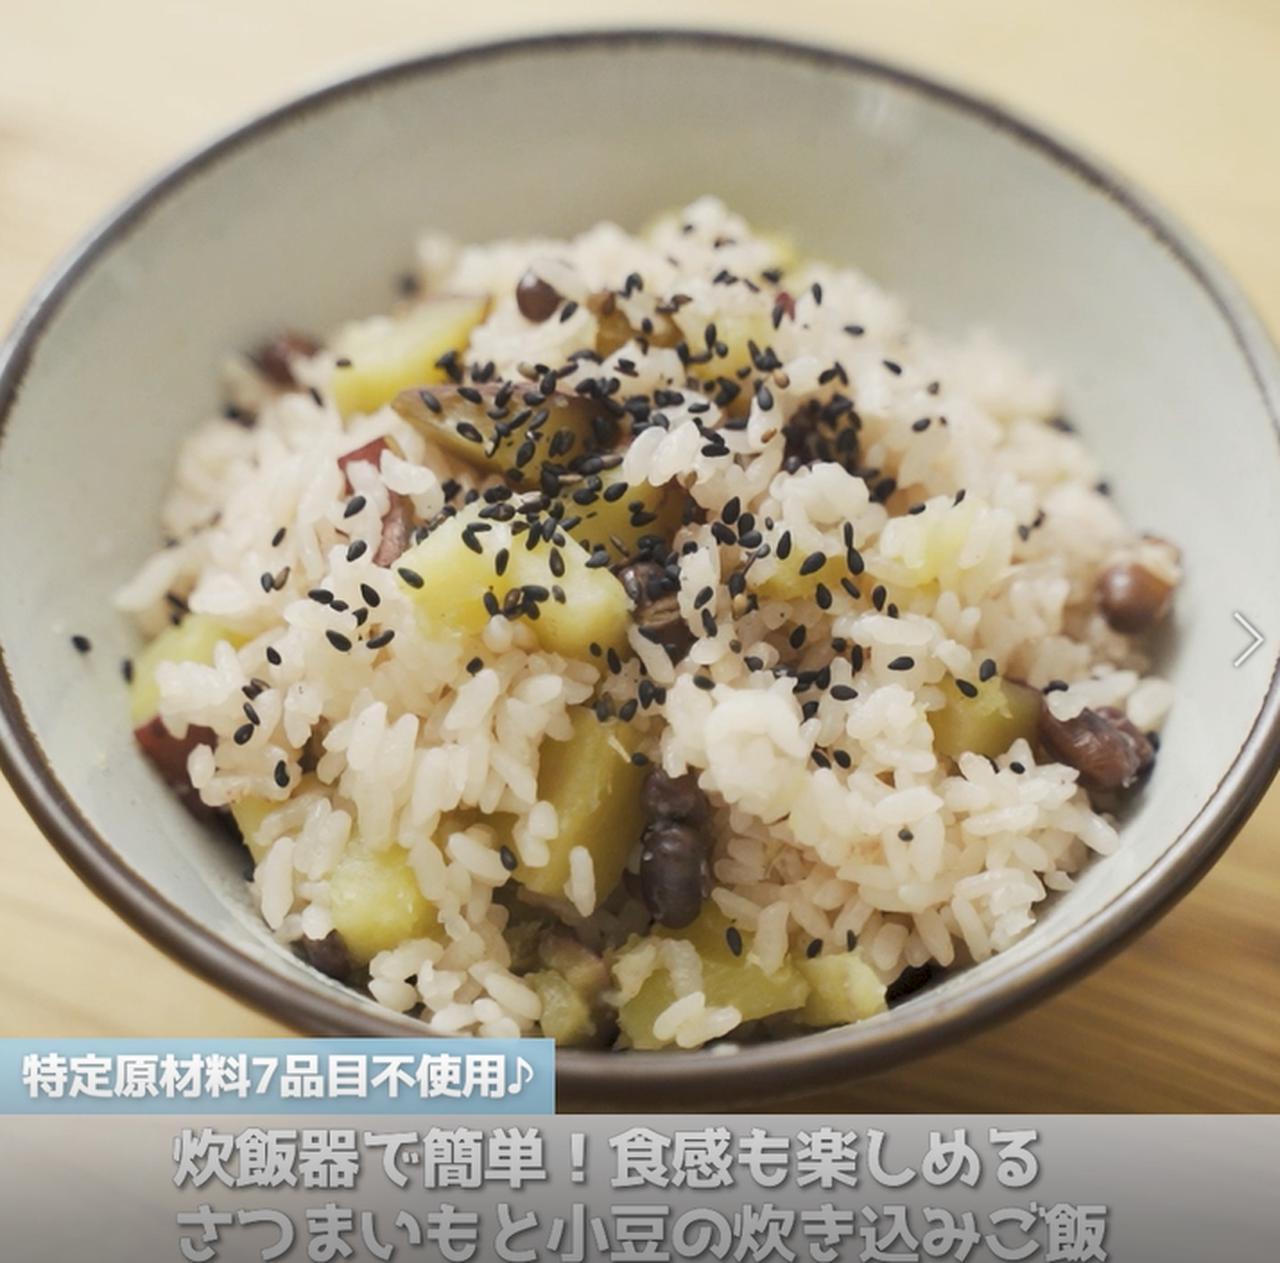 画像: 炊飯器で簡単!食感も楽しめるさつまいもと小豆の炊き込みご飯 - 君とごはん